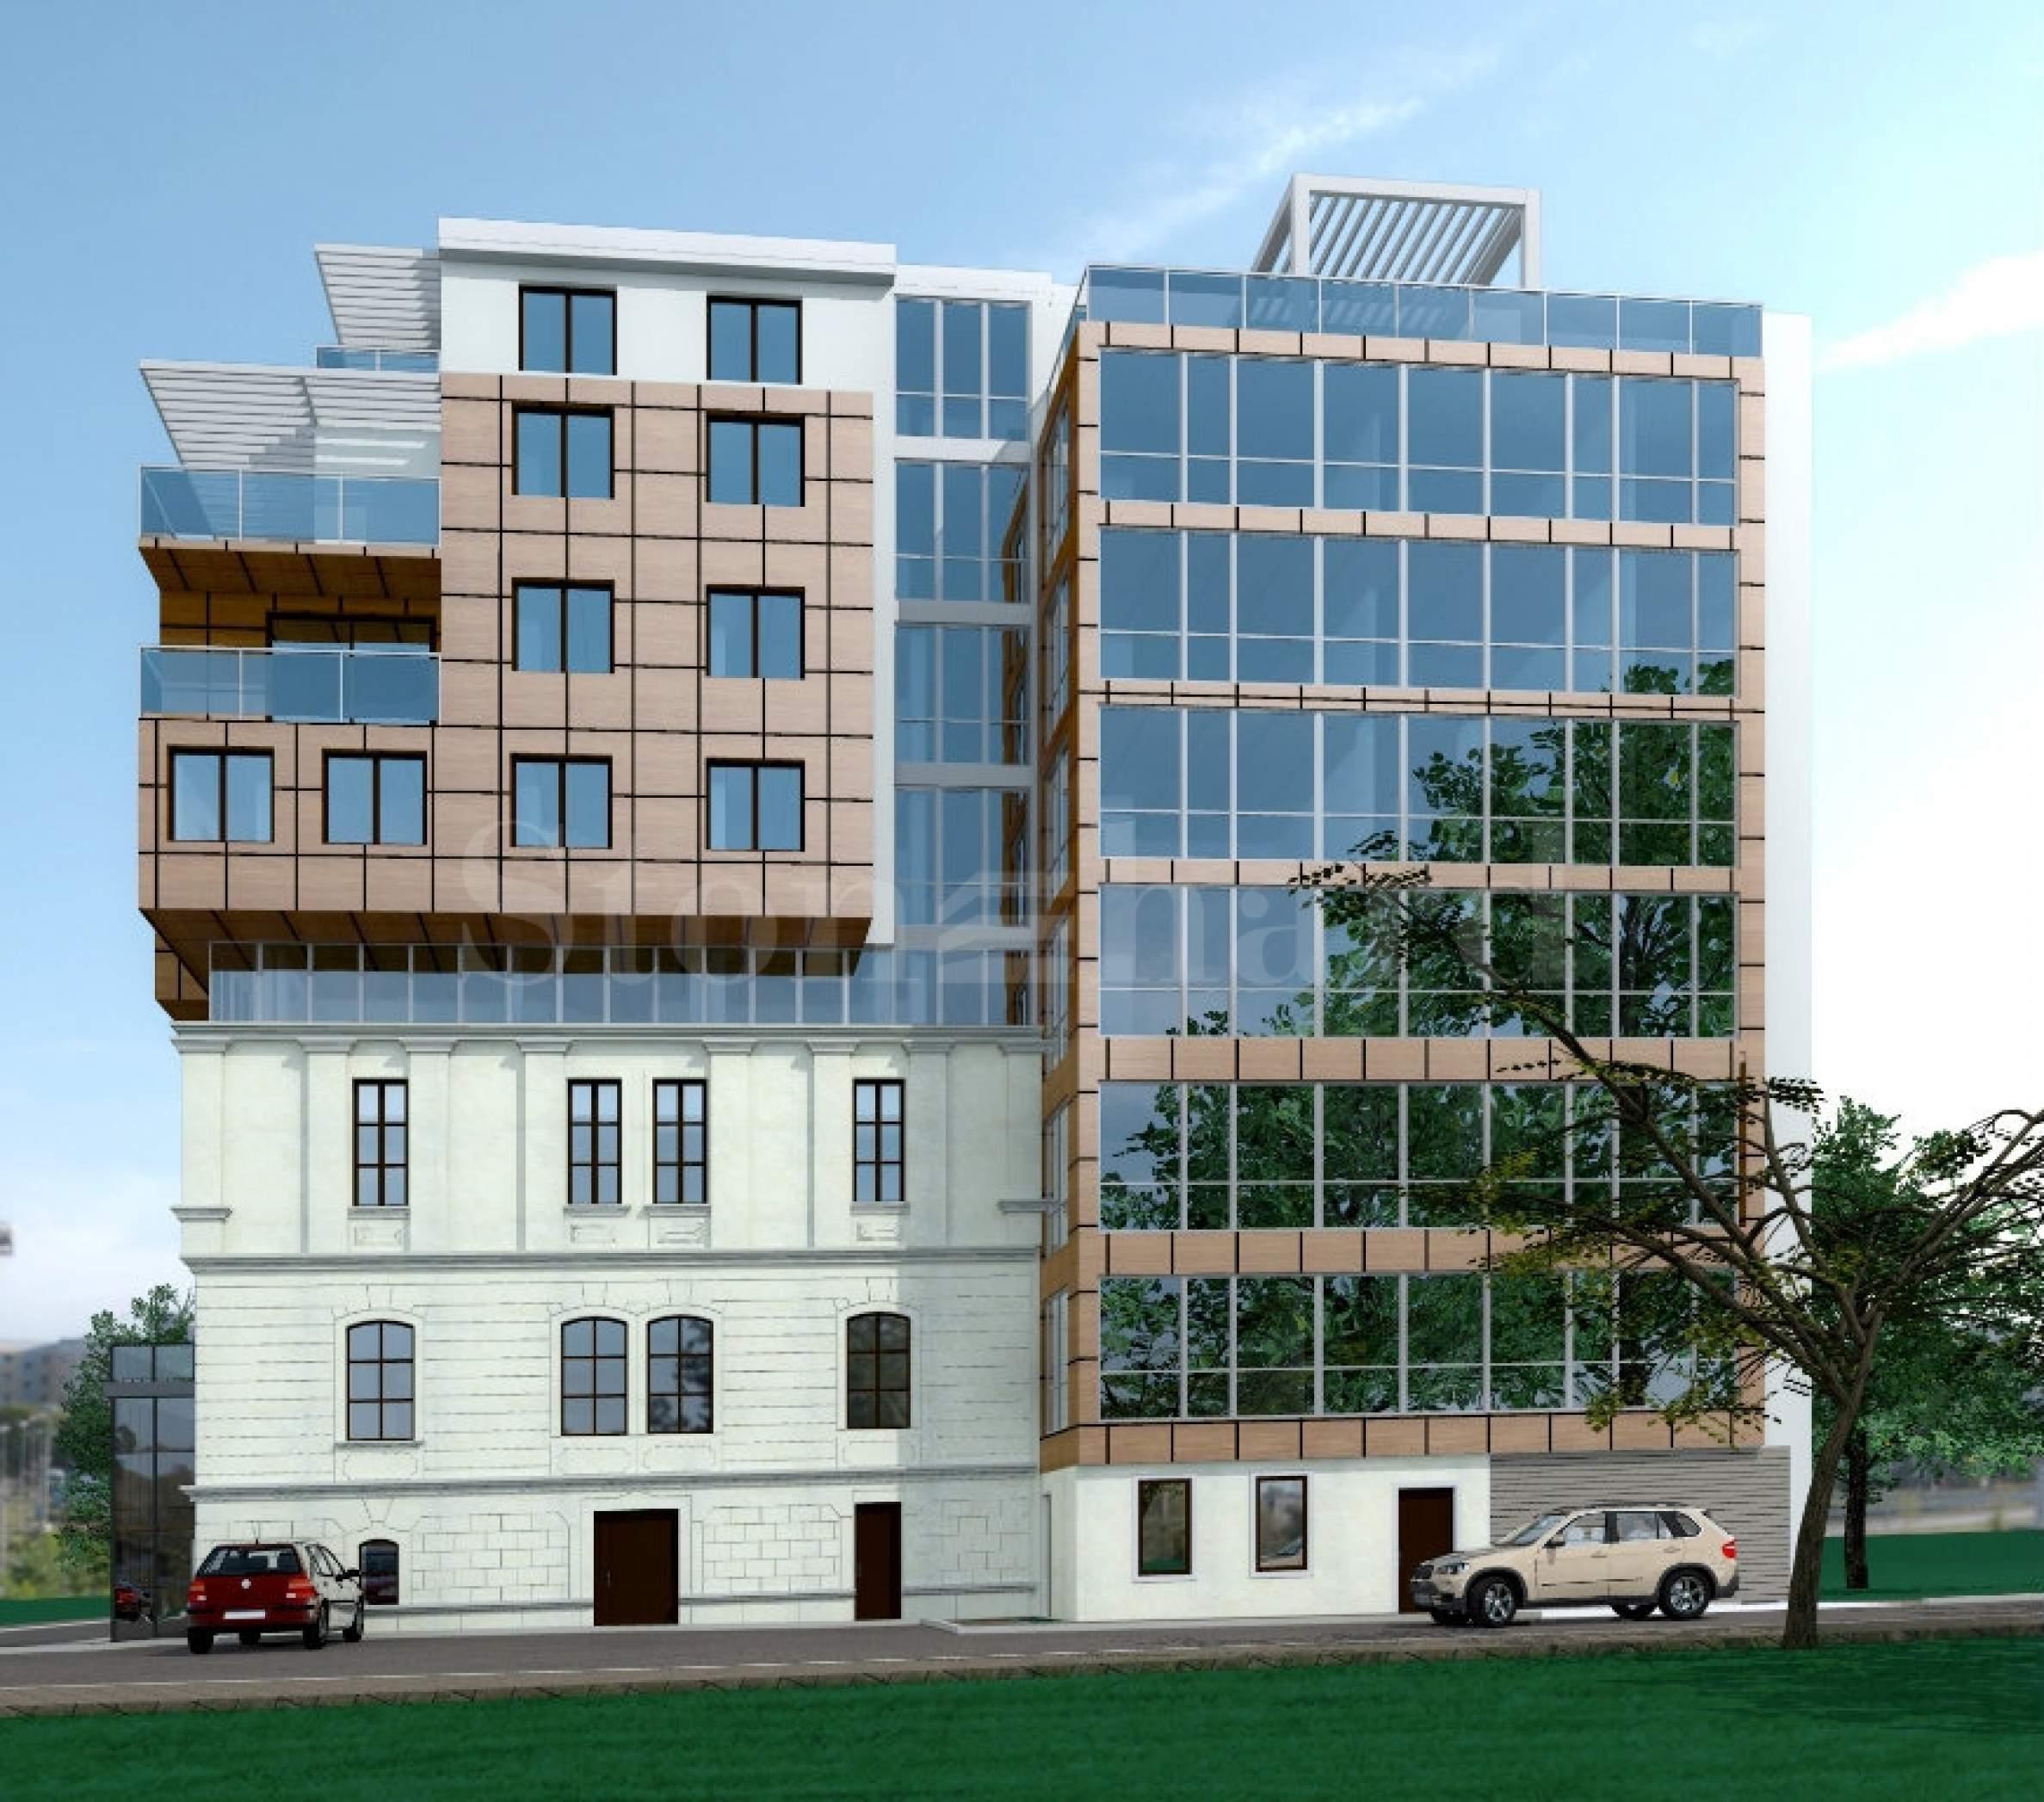 Нови апартаменти в комплекс с офиси и магазини в центъра1 - Stonehard